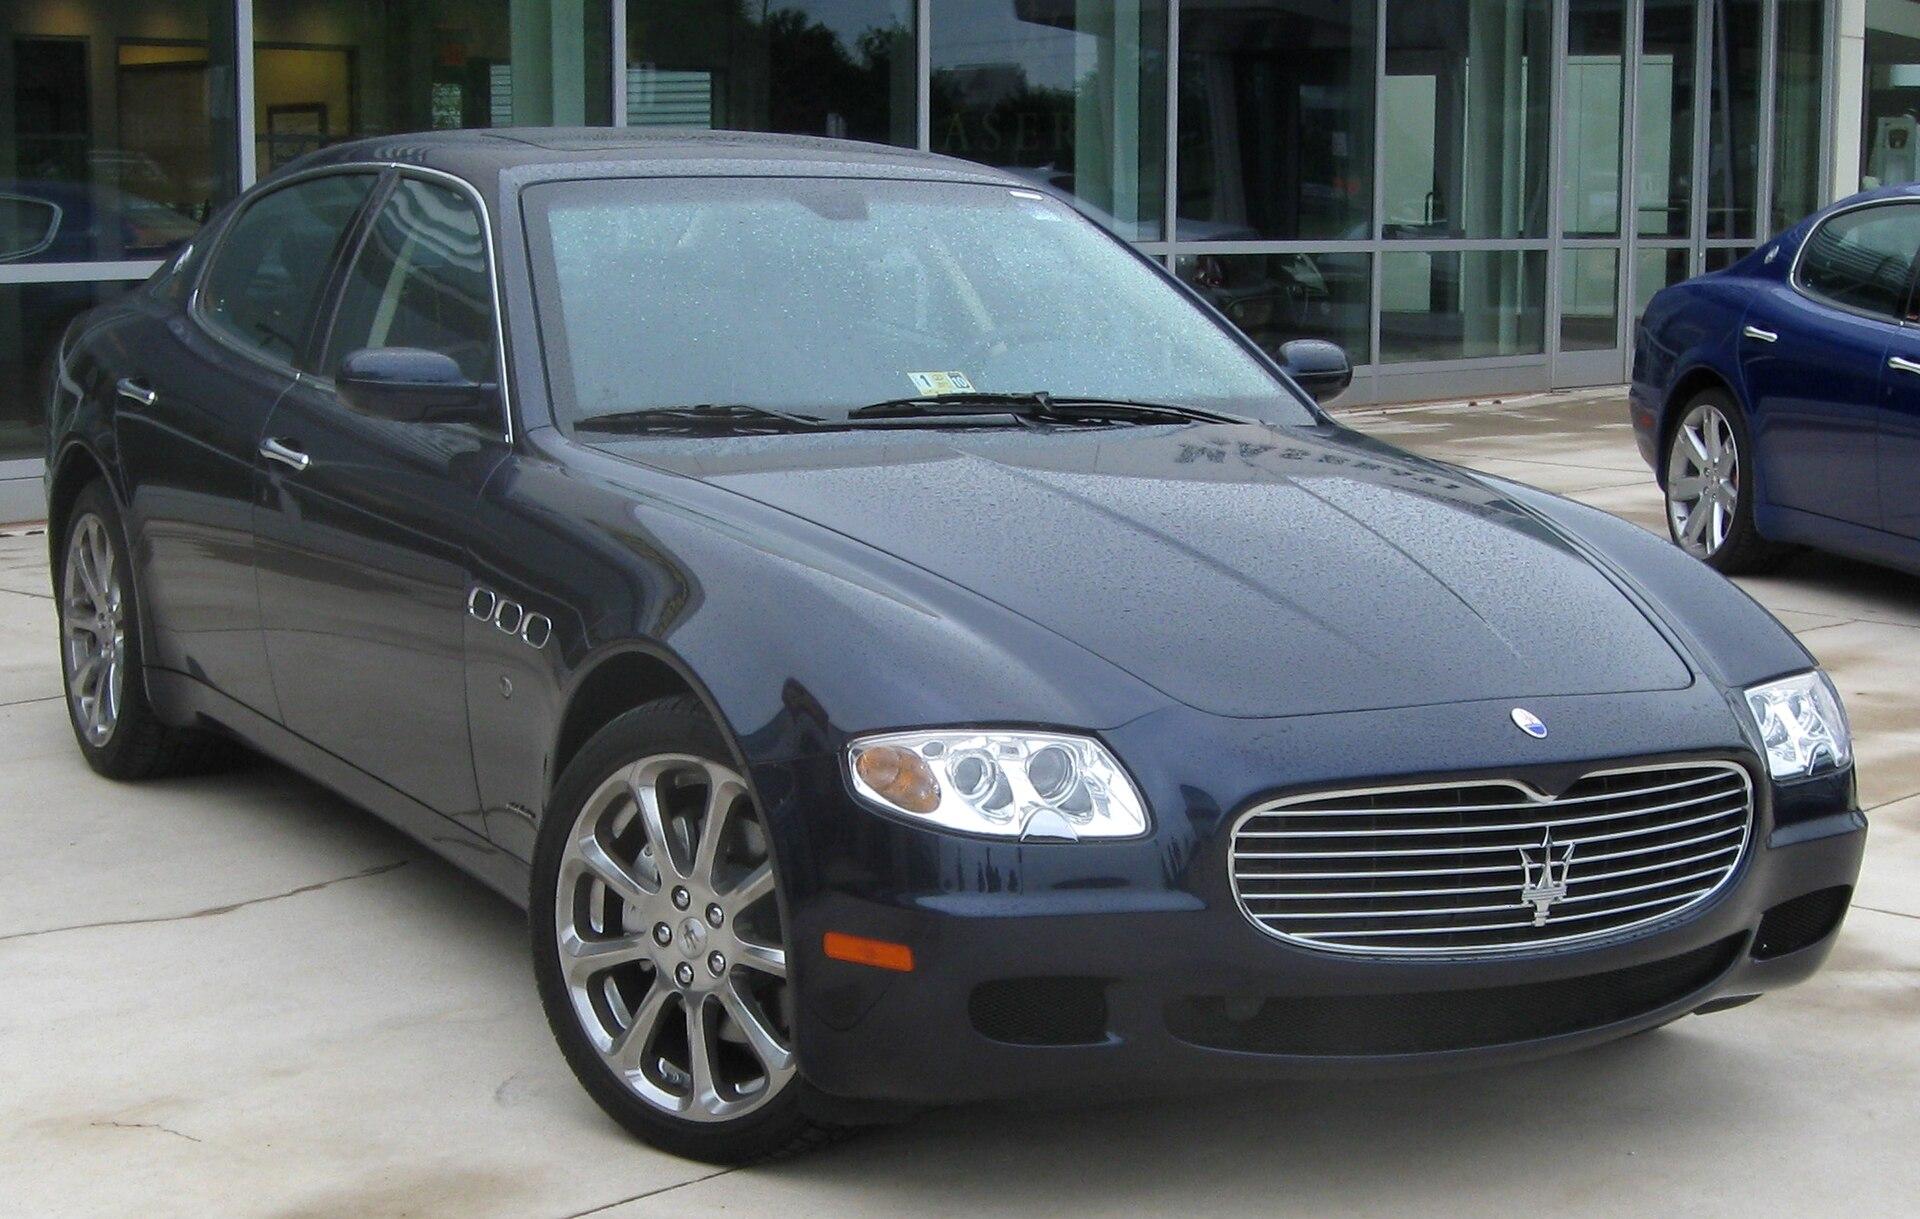 Maserati Quattroporte (2003)